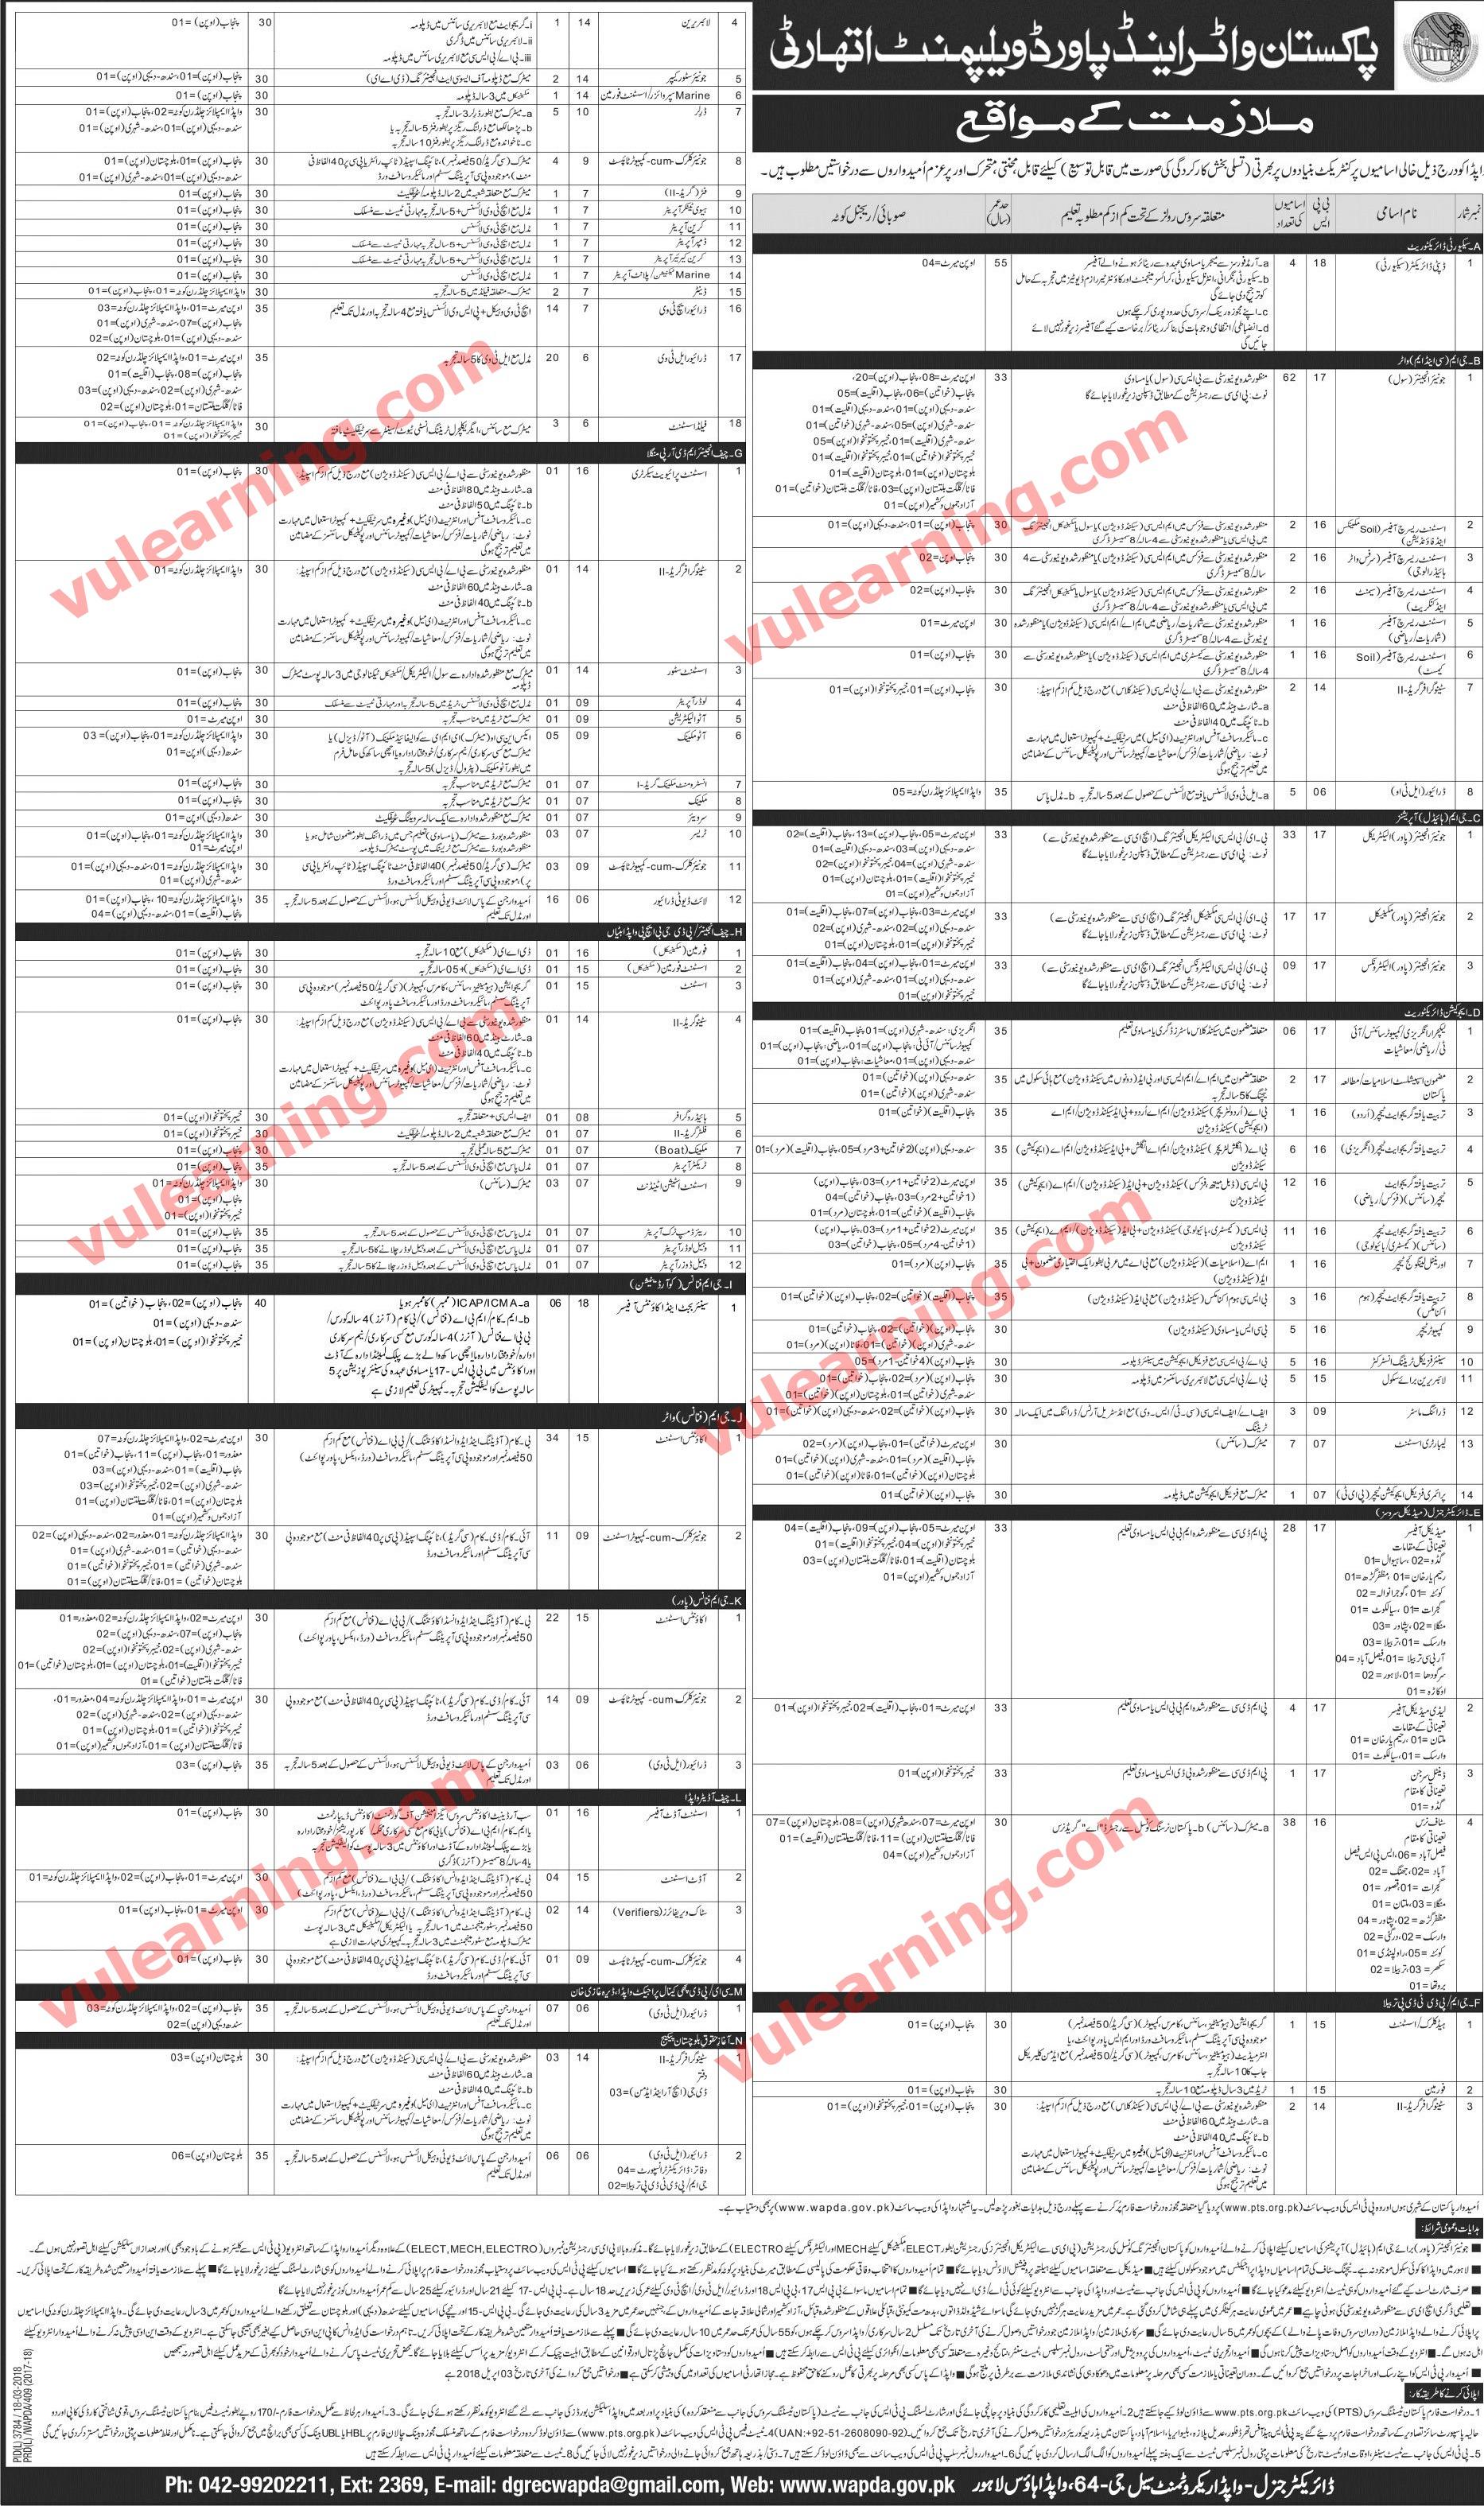 WAPDA Jobs 2018 PTS Application Form Download www.wapda